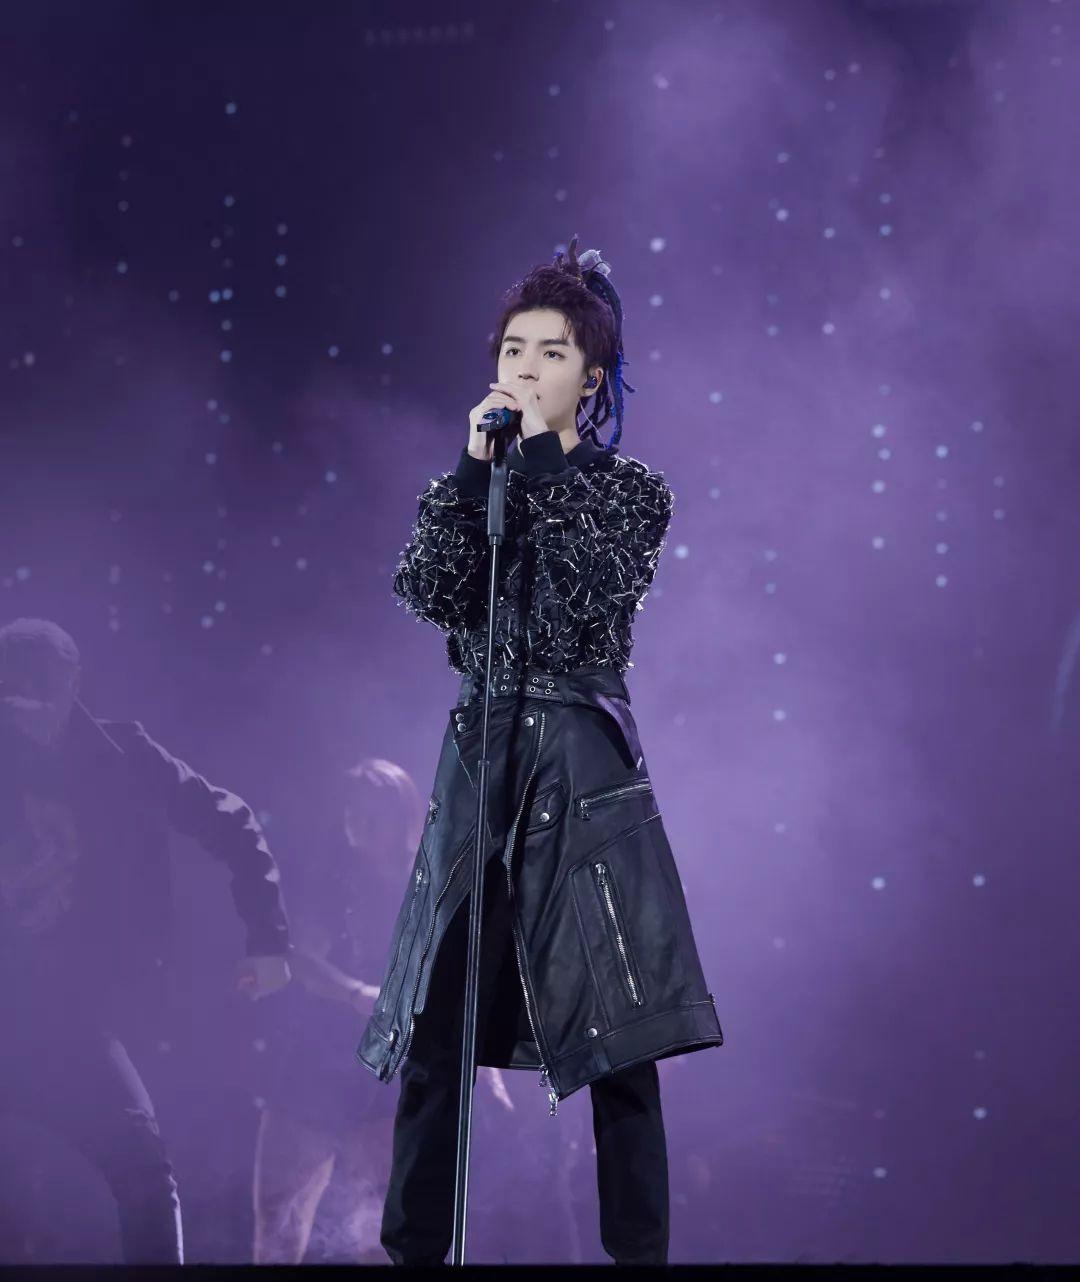 王俊凯空降18首歌曲!占据飙升榜前30,前三首厉害了!